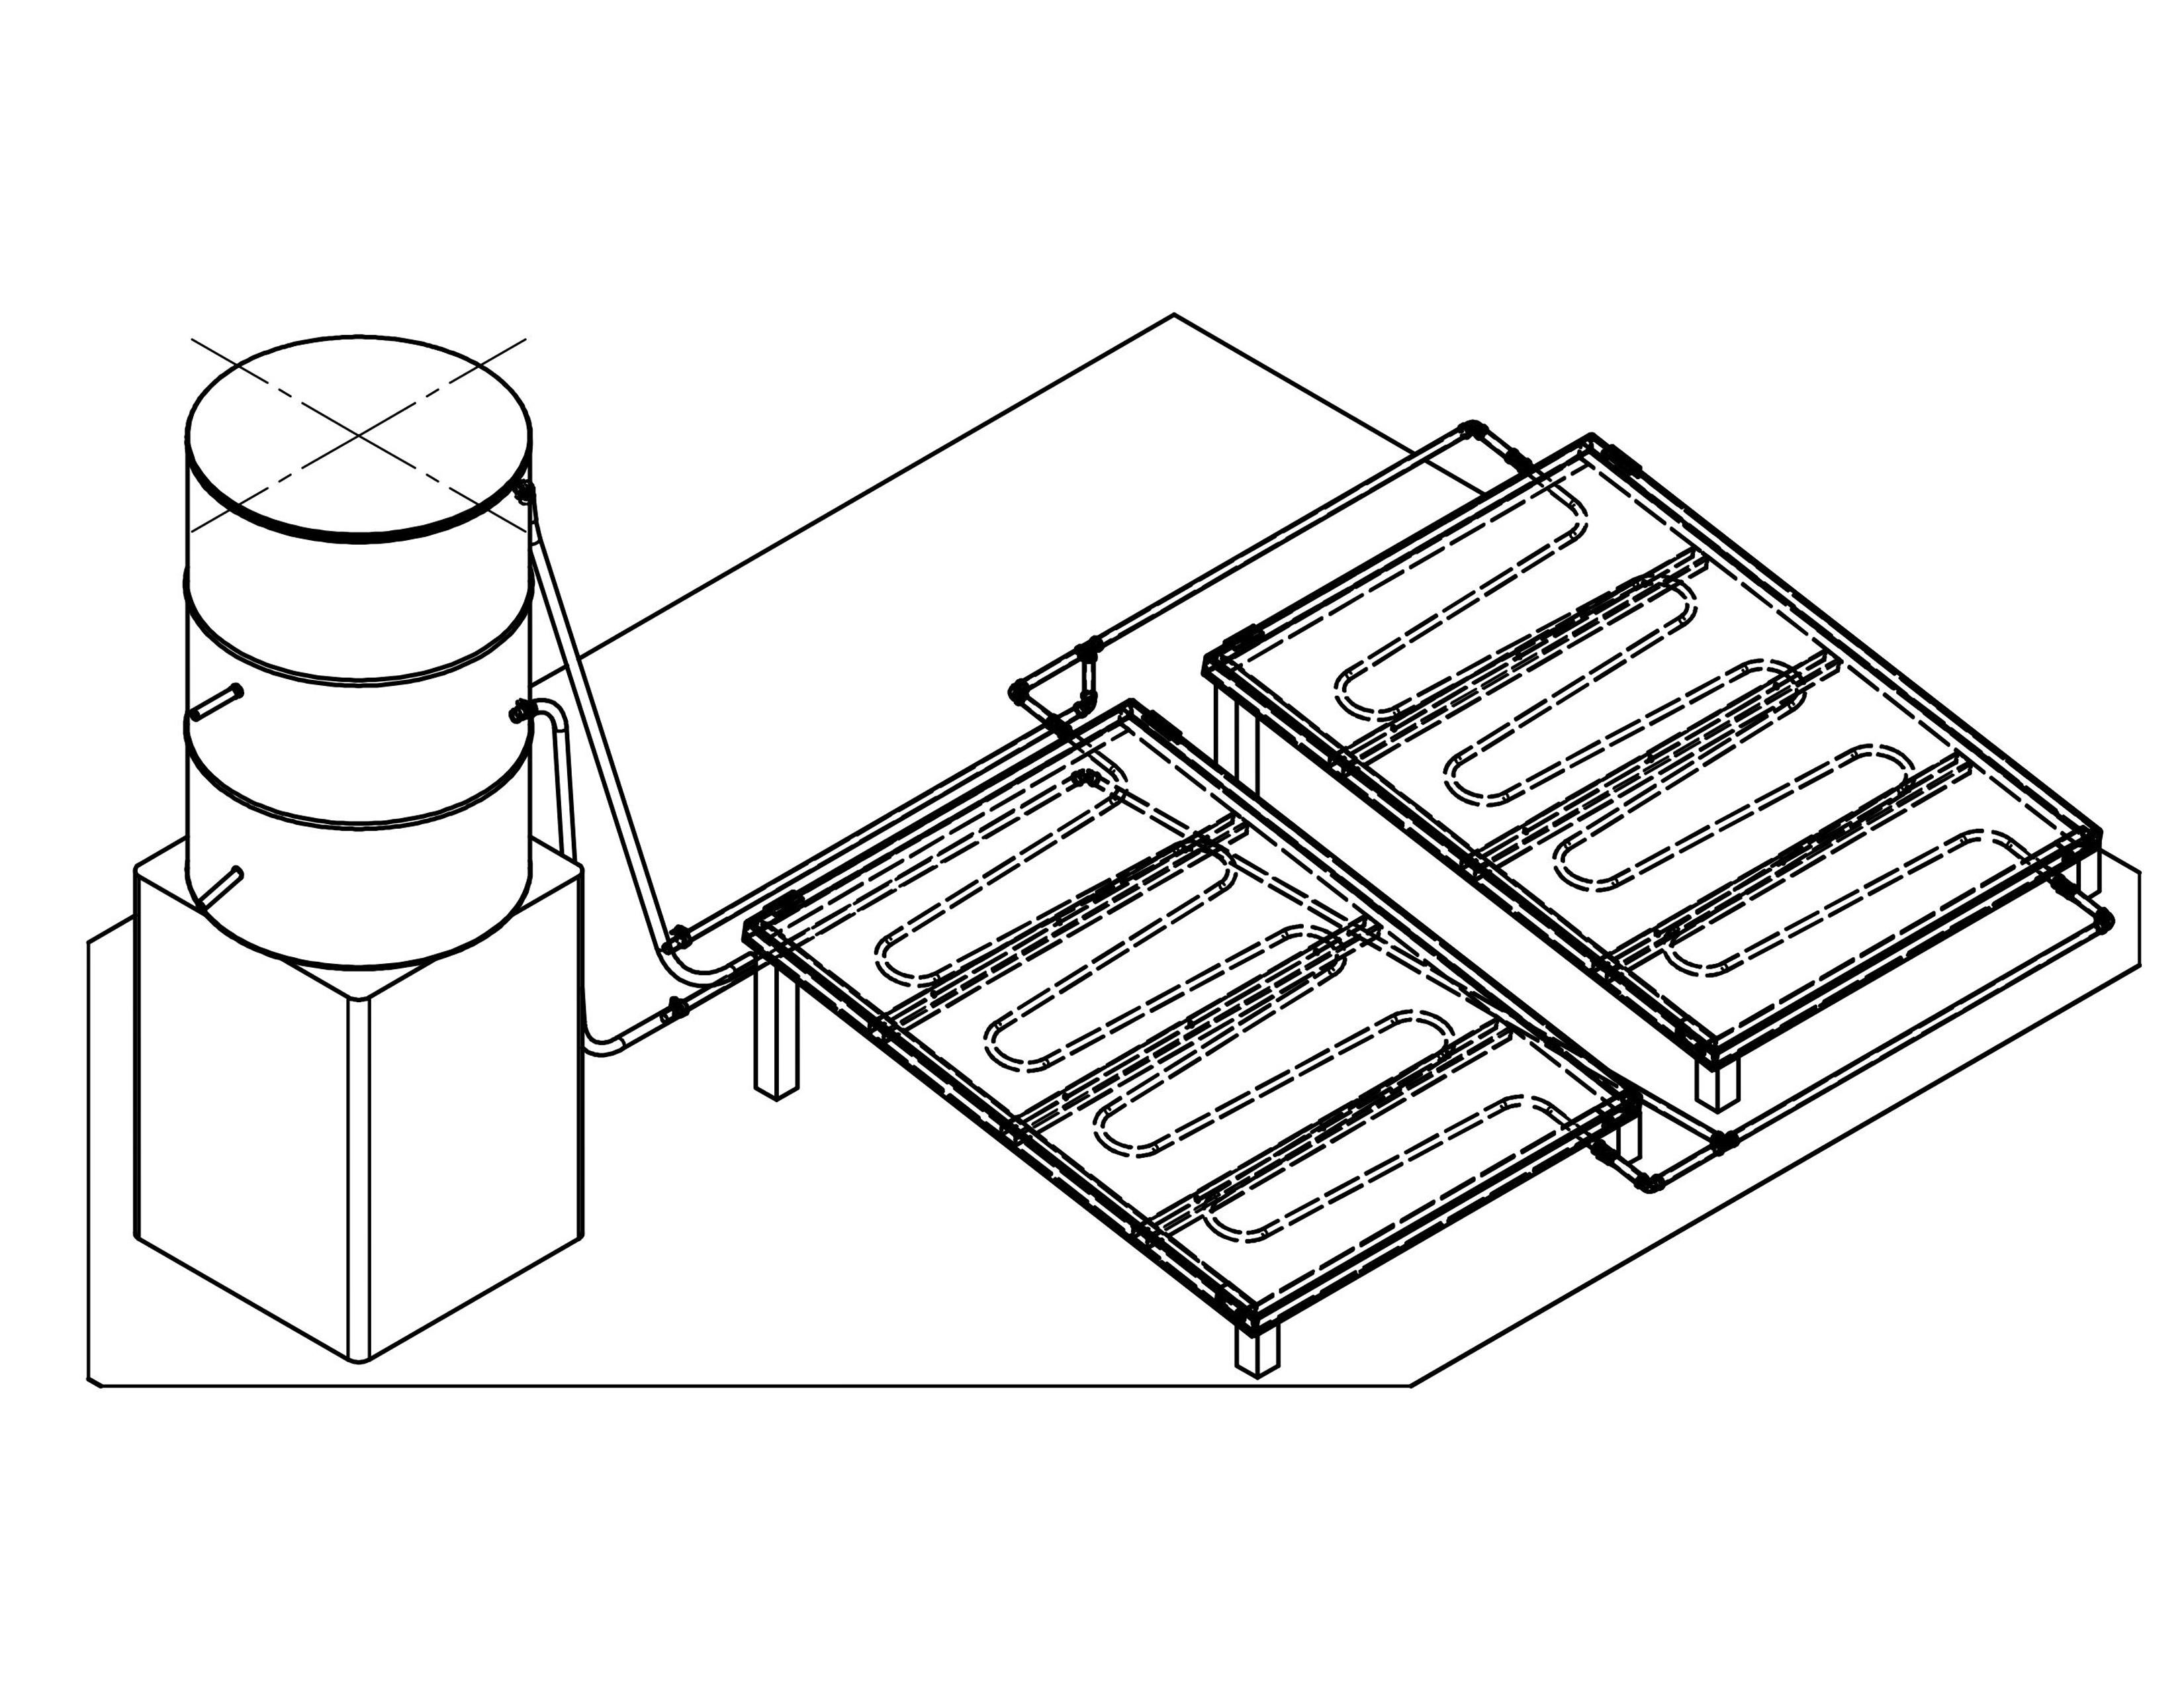 Aid dswh diy-serpentine-solar-water-heating 0000.jpg